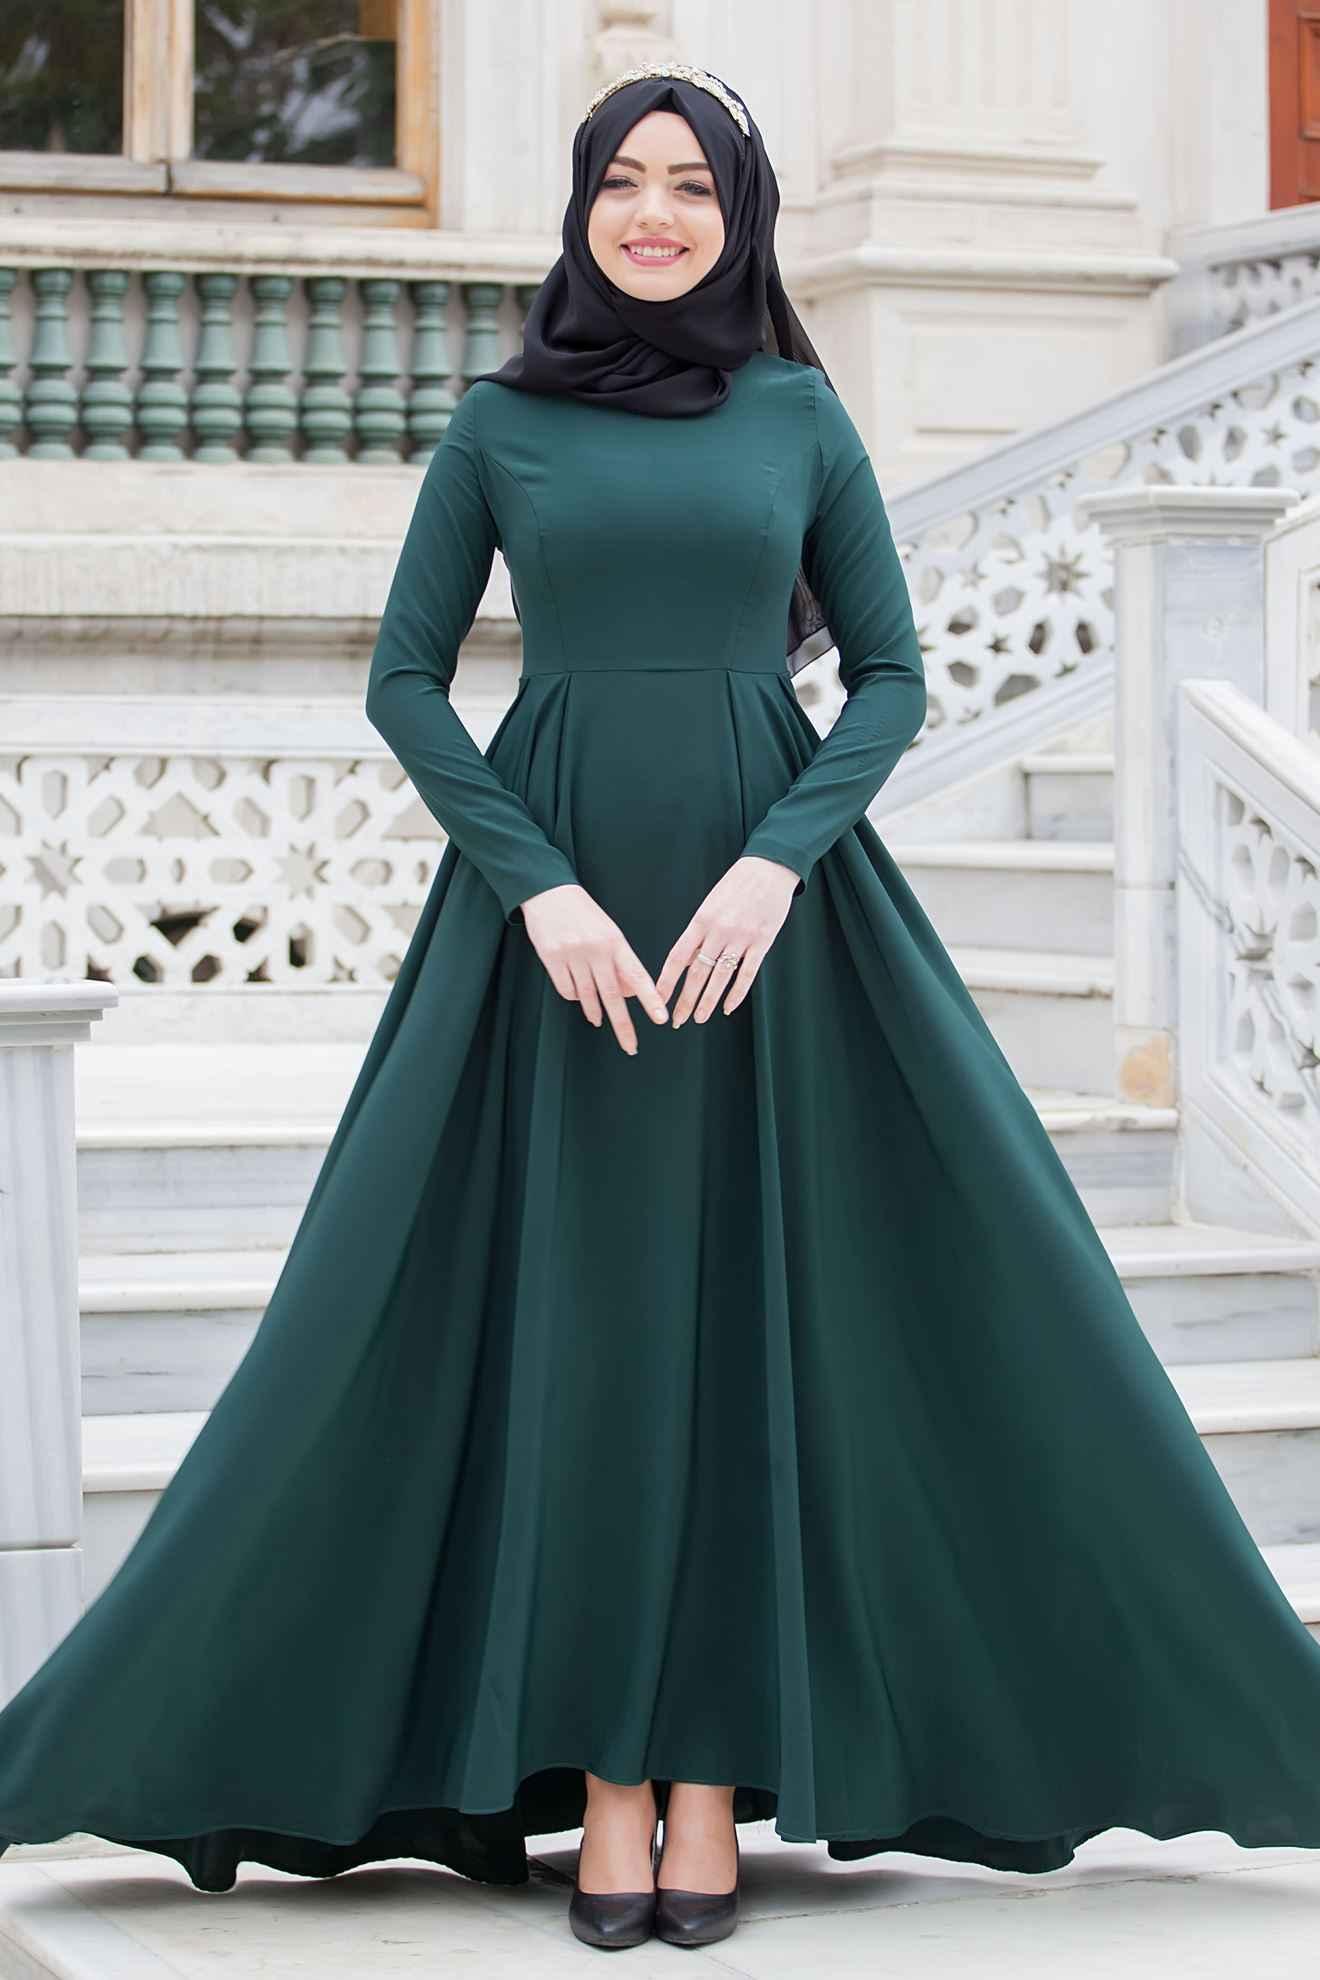 Zümrüt Yeşili Sedanur Tesettür Elbise Modelleri